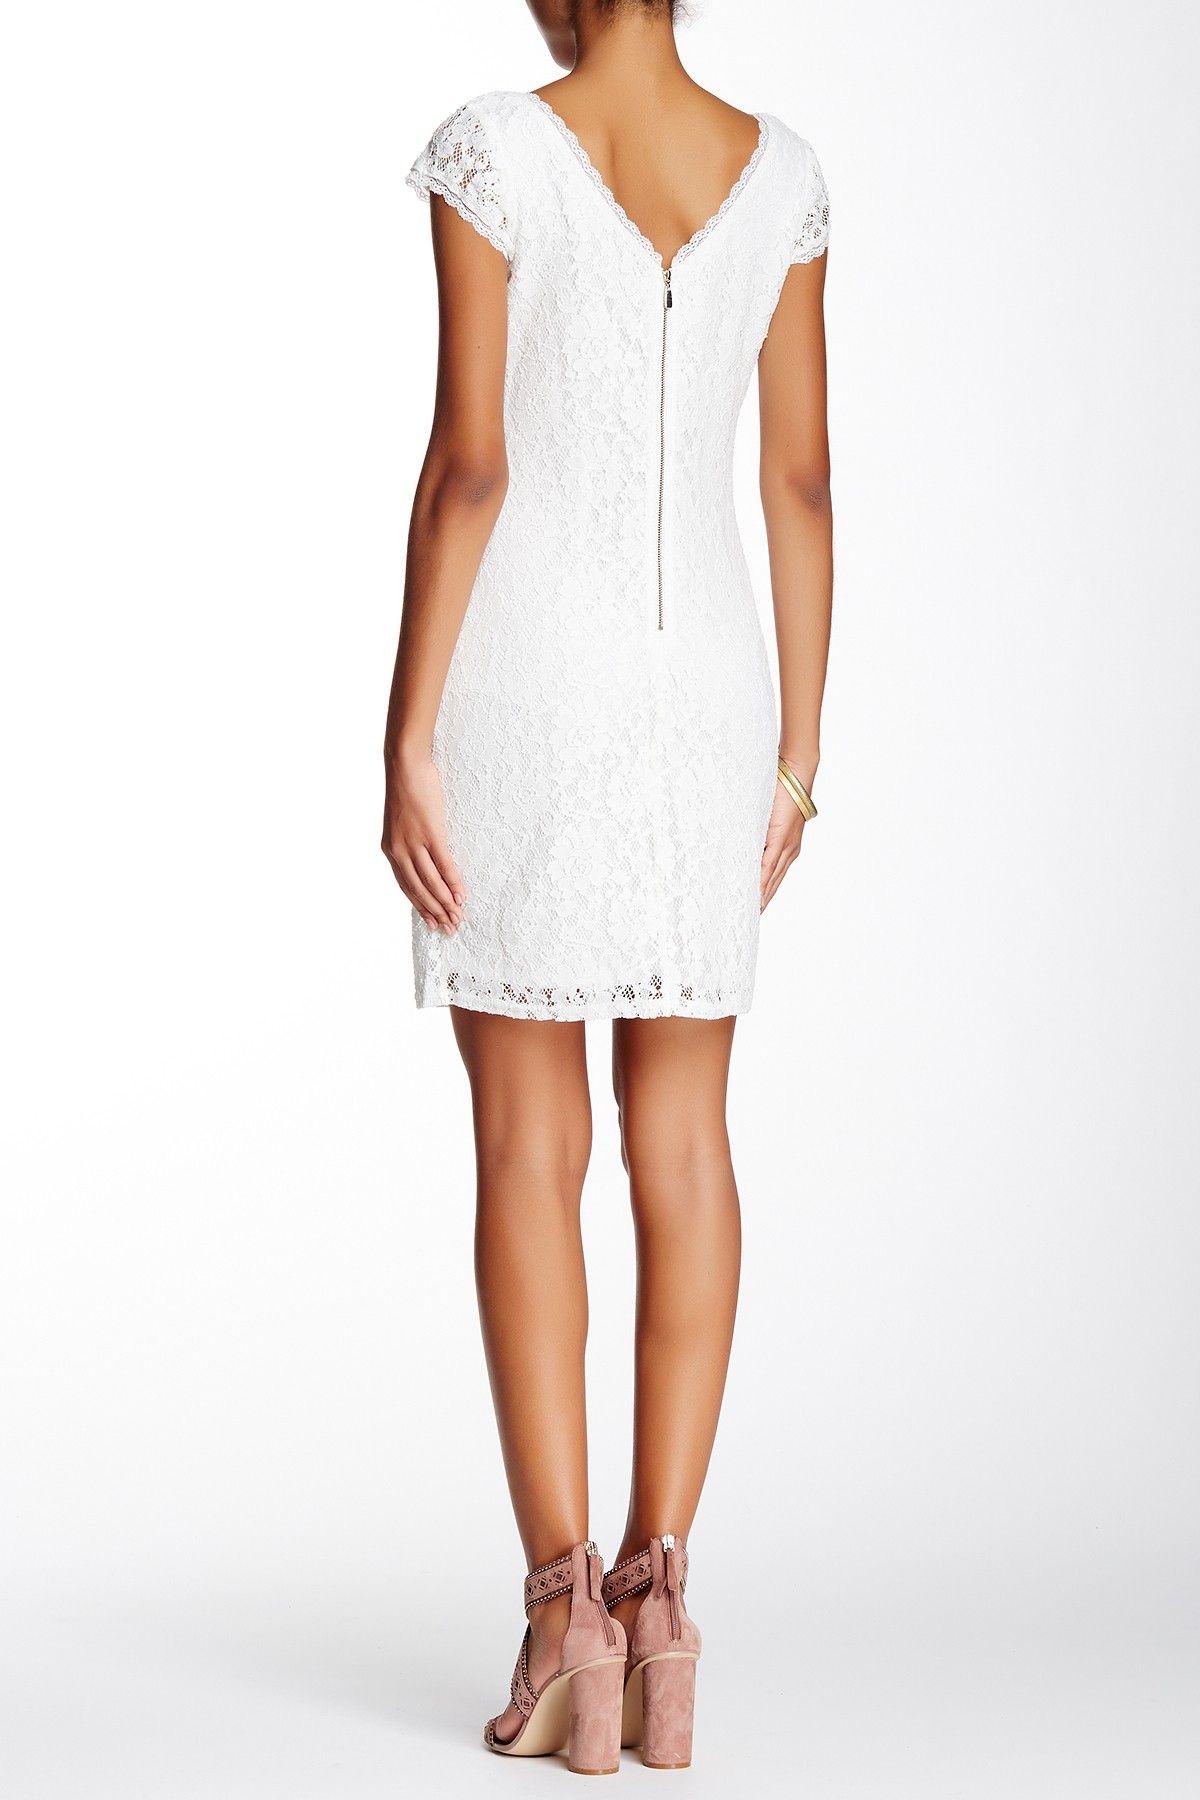 Laundry V Back Lace Mini Dress Petite Nordstrom Rack Petite Dresses Mini Dress Dresses [ 1800 x 1200 Pixel ]